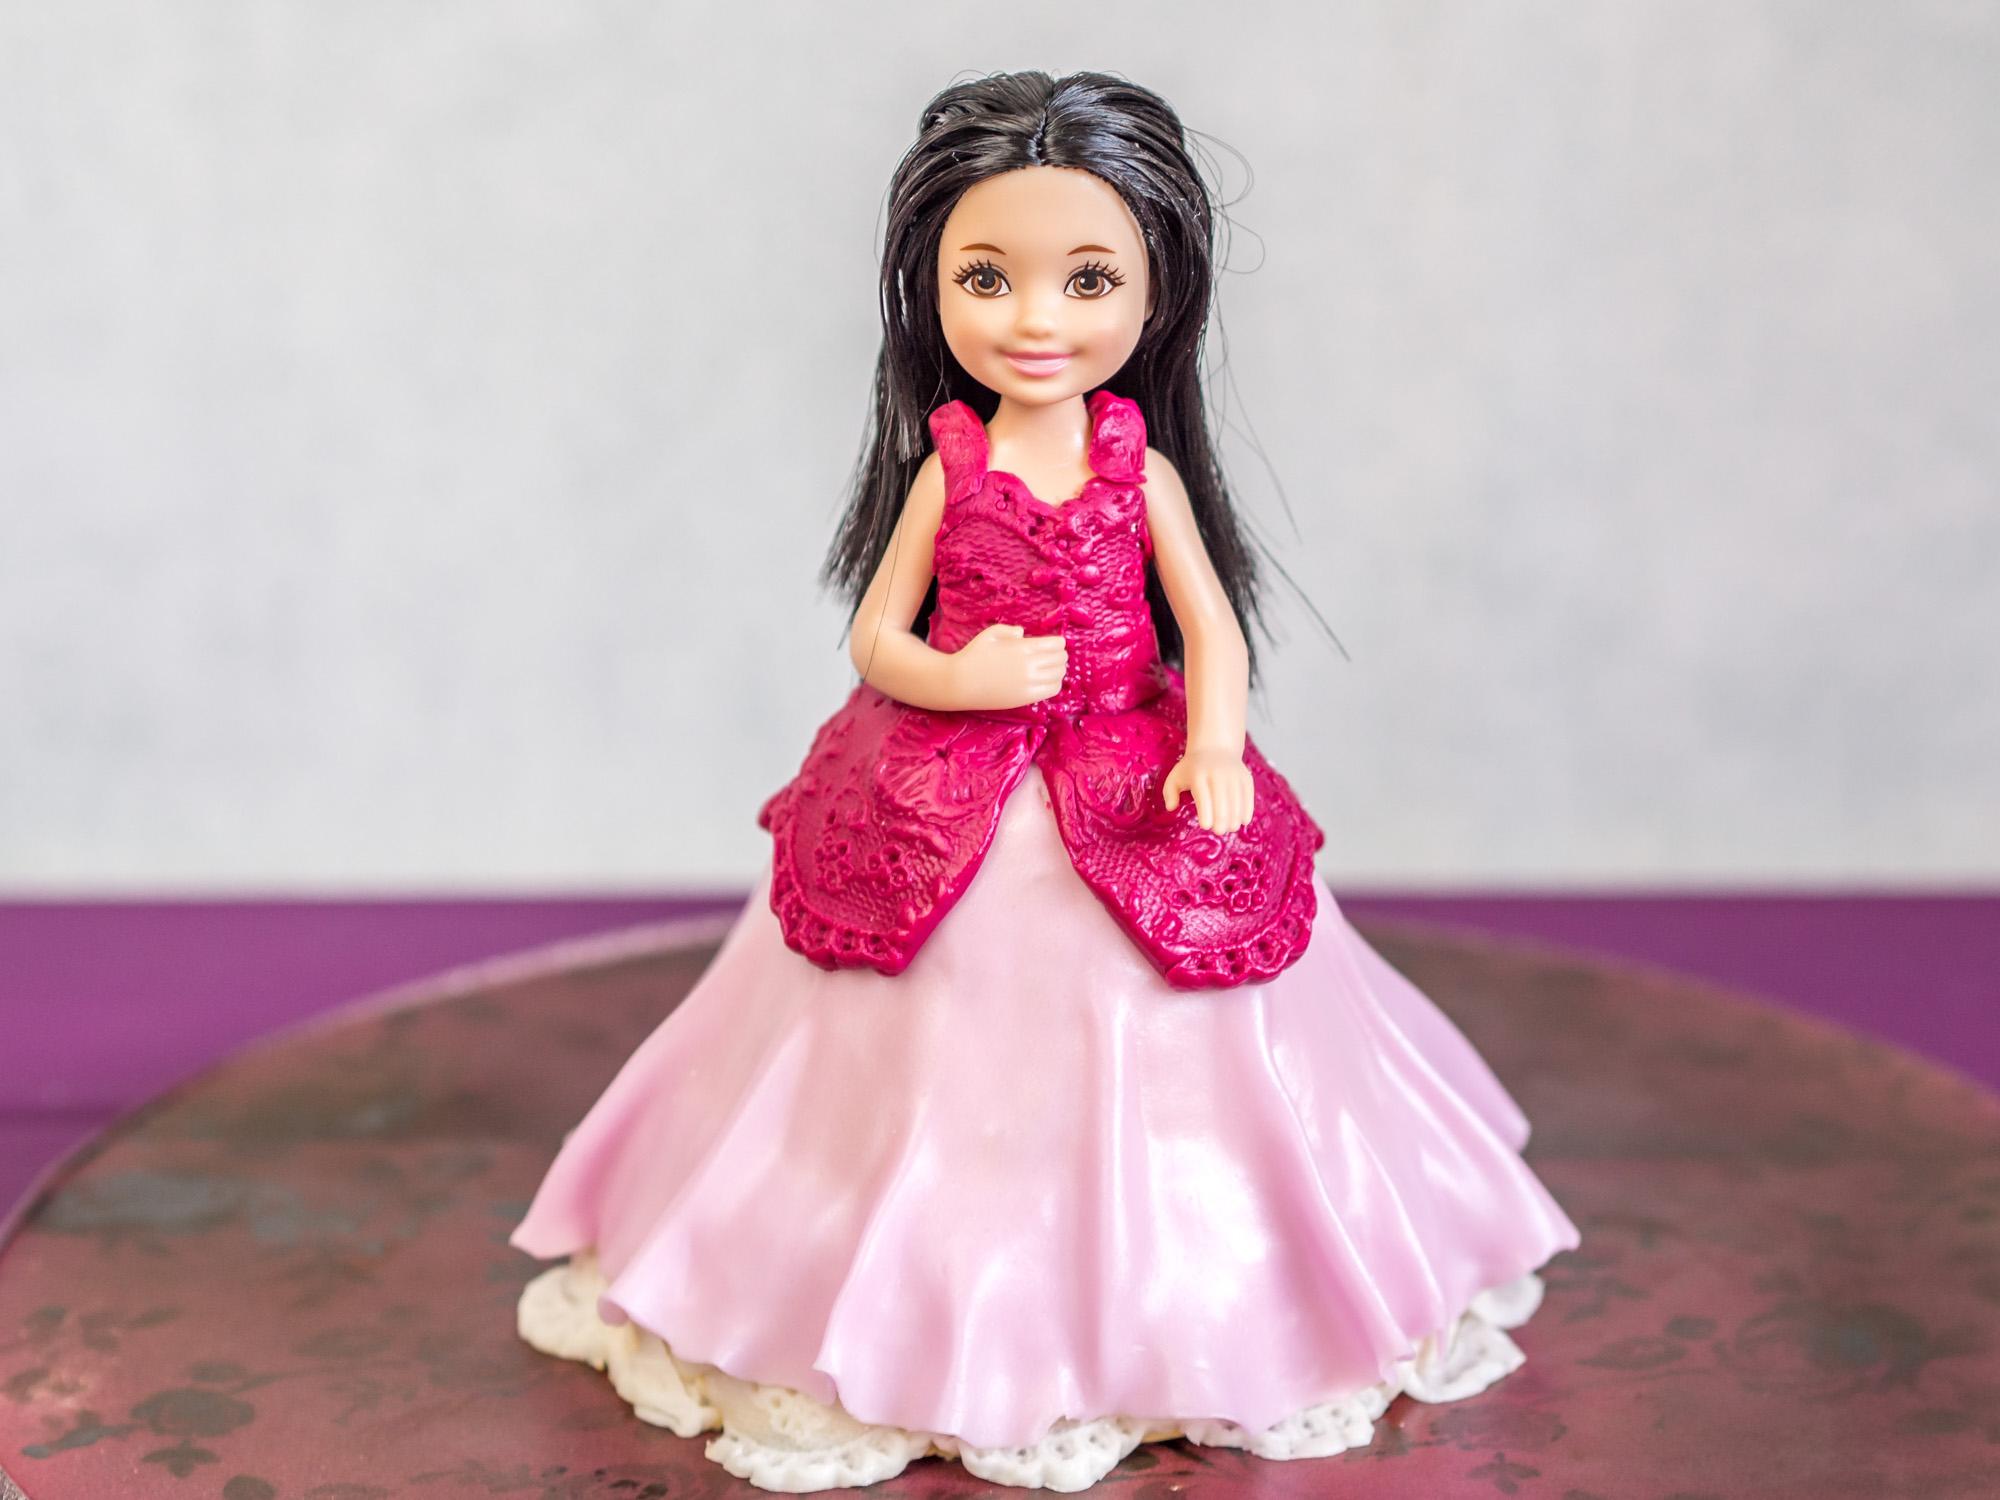 Anleitung Barbie Torte Im Kleinformat Mini Prinzessin Torte